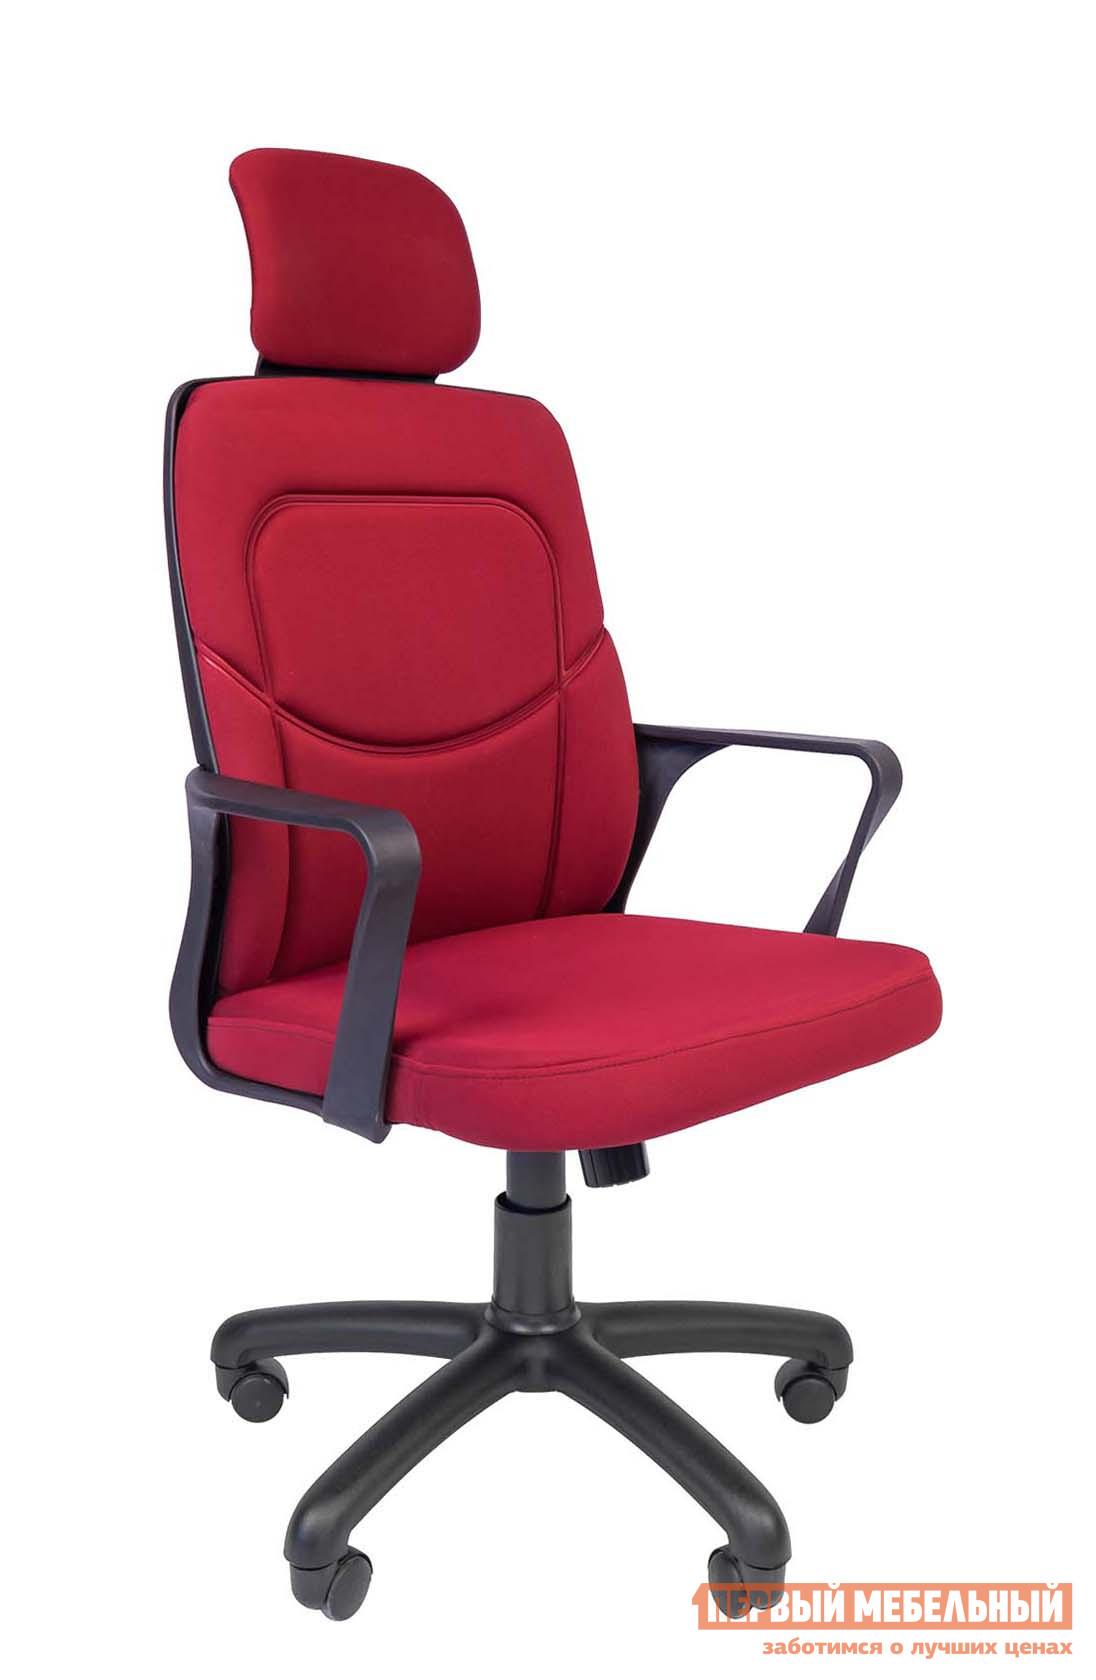 Кресло руководителя Русские кресла РК 215 кресло руководителя русские кресла рк 230 lux